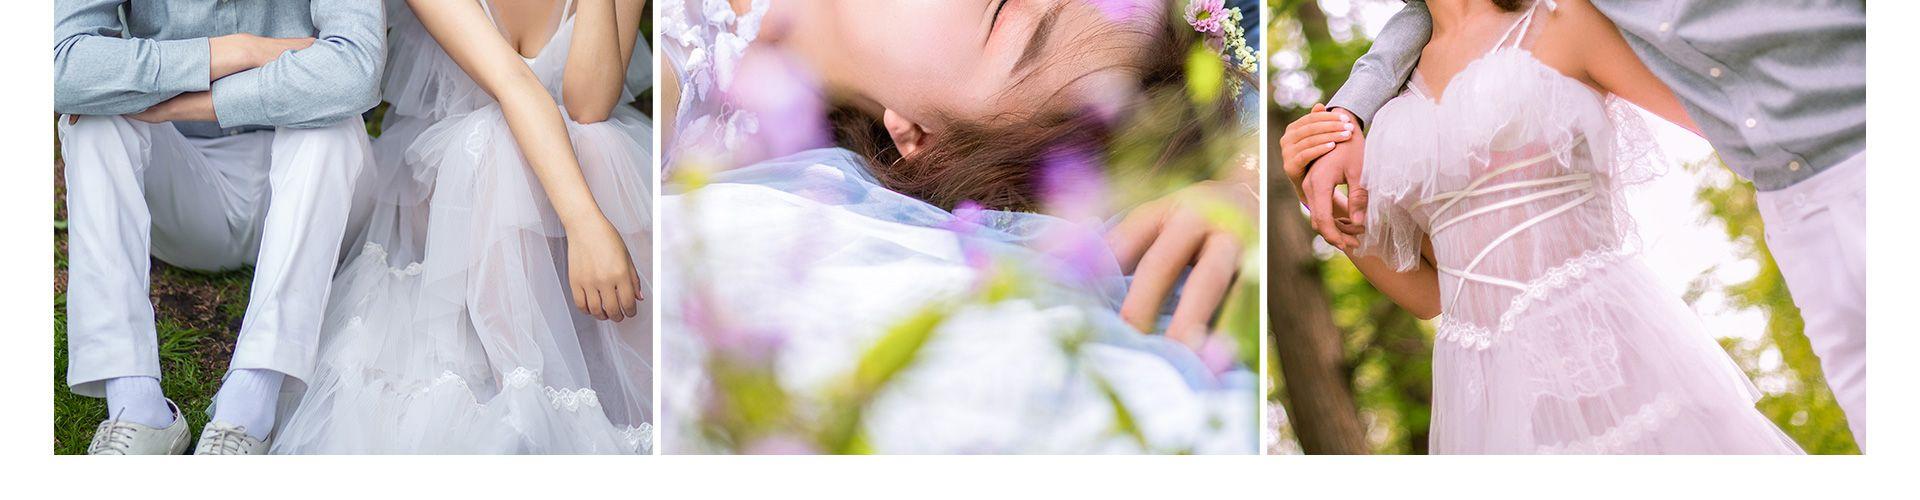 佳片集锦第9季